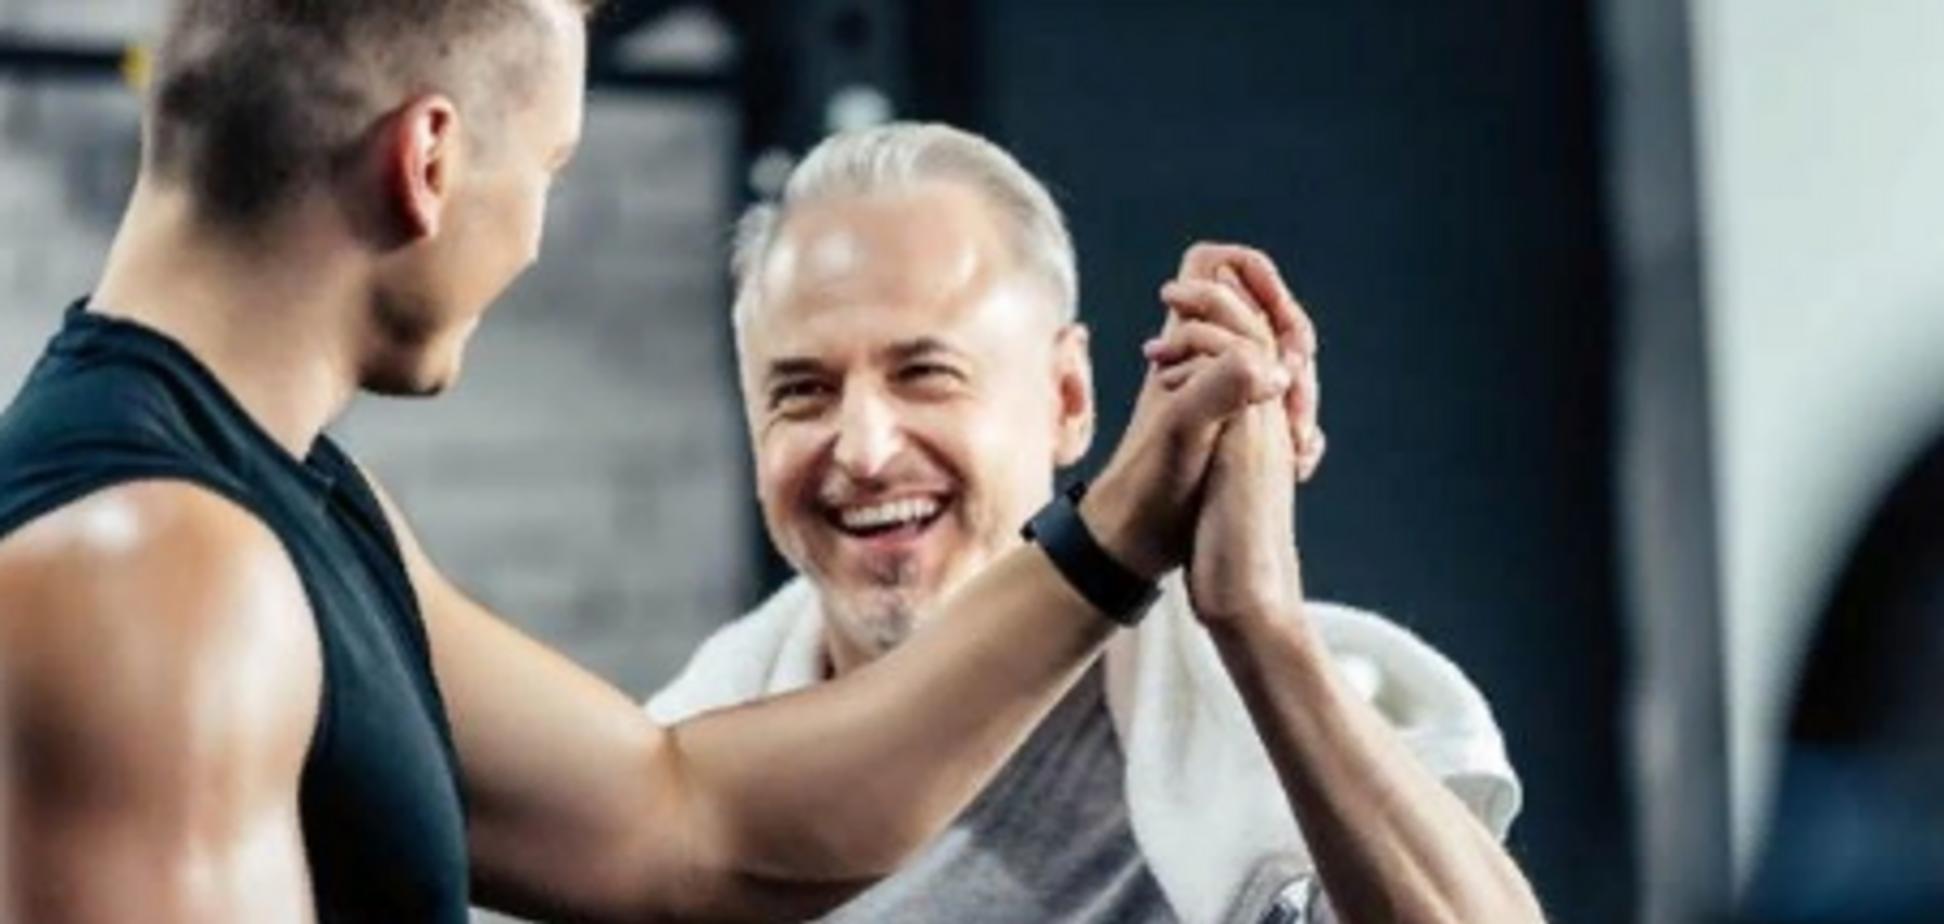 Возрастная деградация мышц начинается в 27 лет